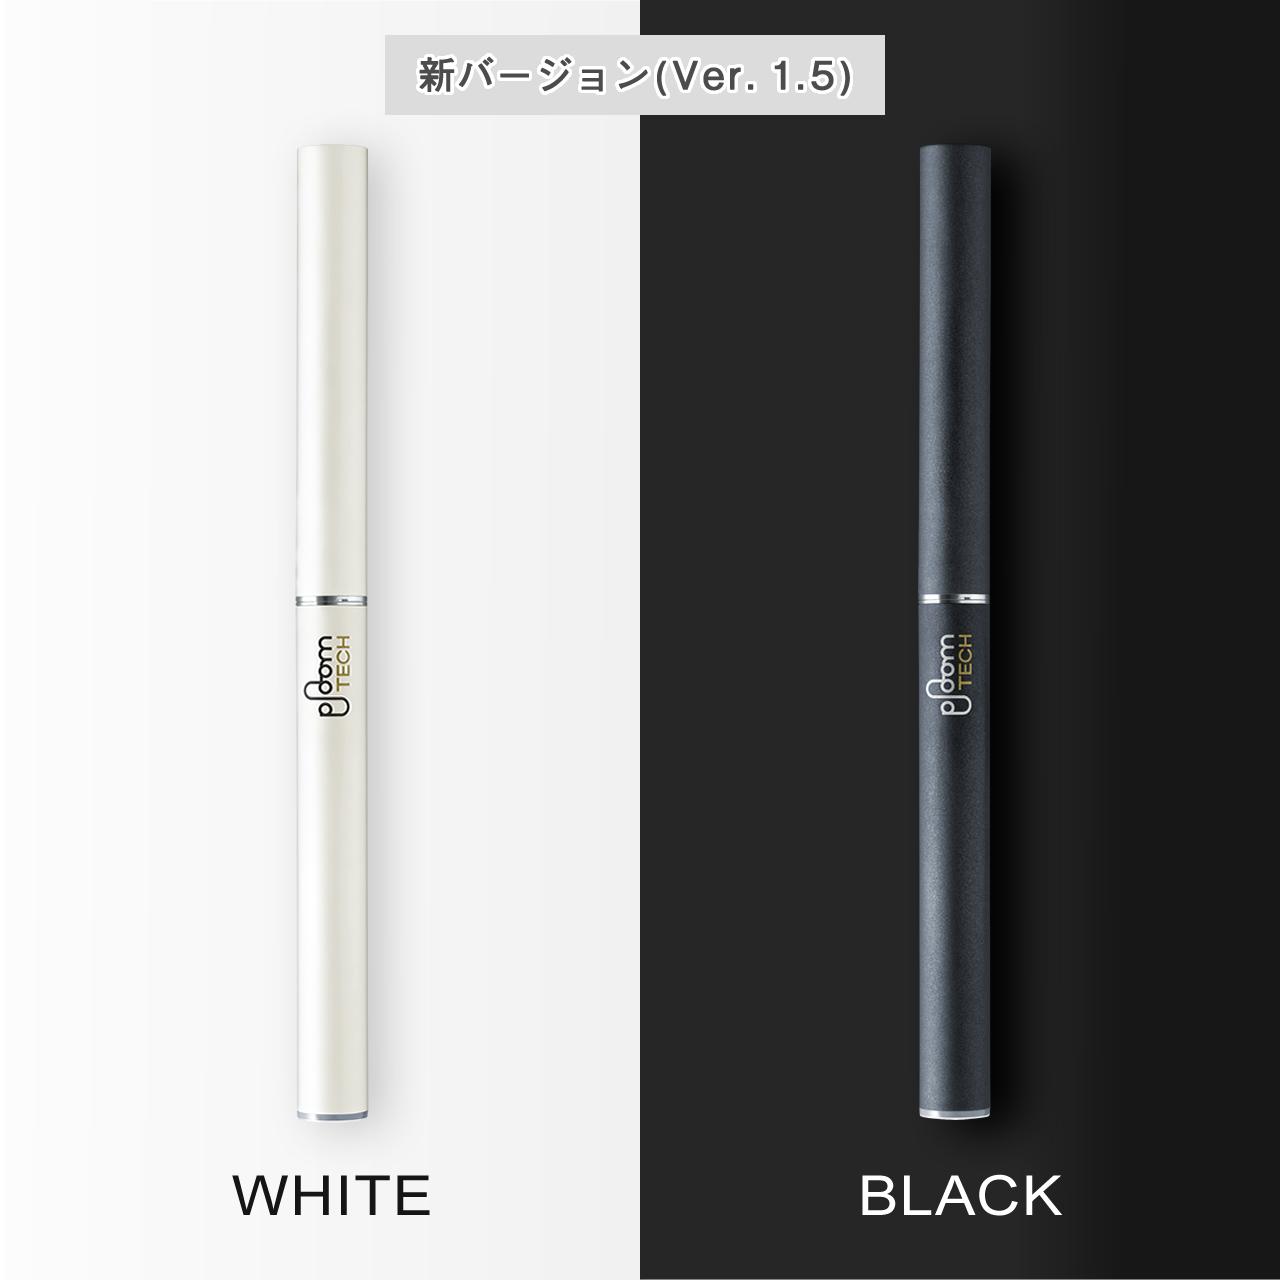 プルームテックとは?人気の加熱式タバコの口コミやおすすめケースをご紹介!